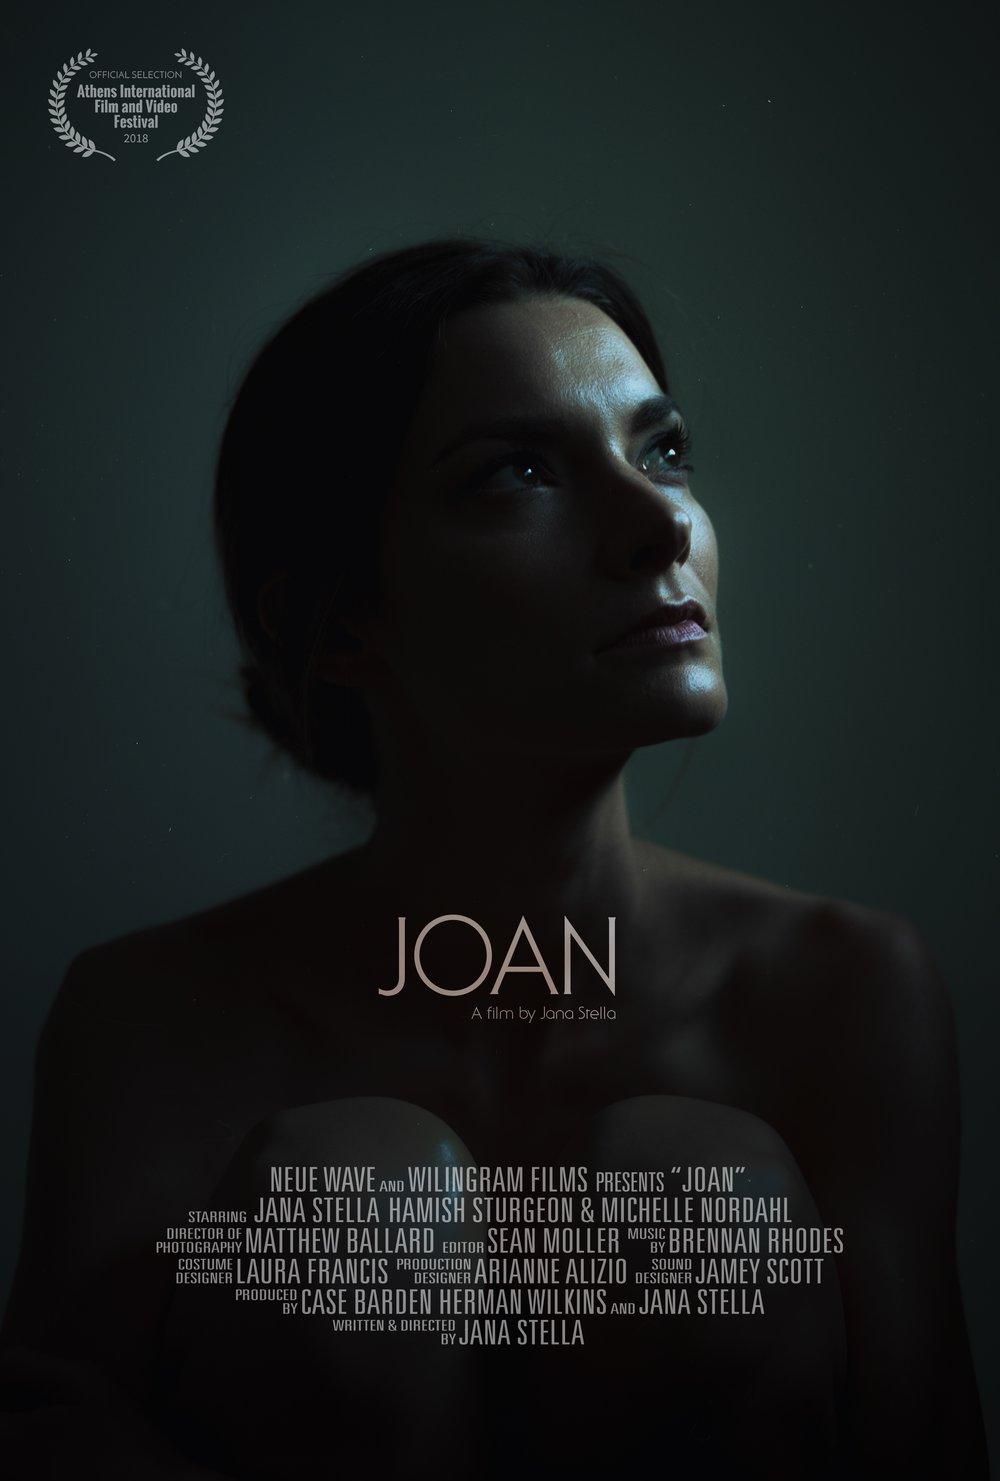 JOAN - Written & Directed by Jana Stella10minComing Soon